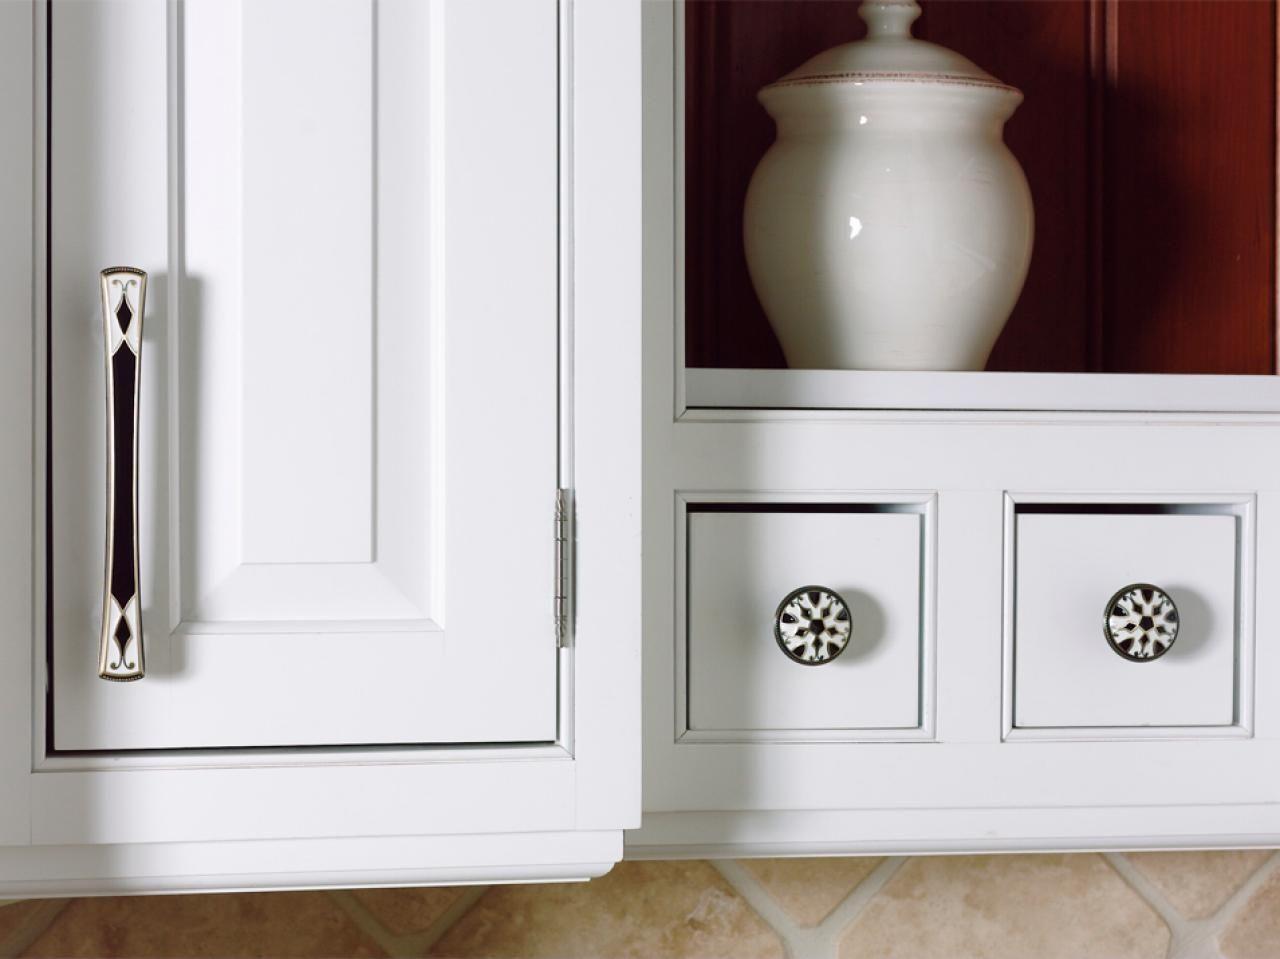 Küchenschrank Türgriffe Küche Hardware Regler Badezimmer ...